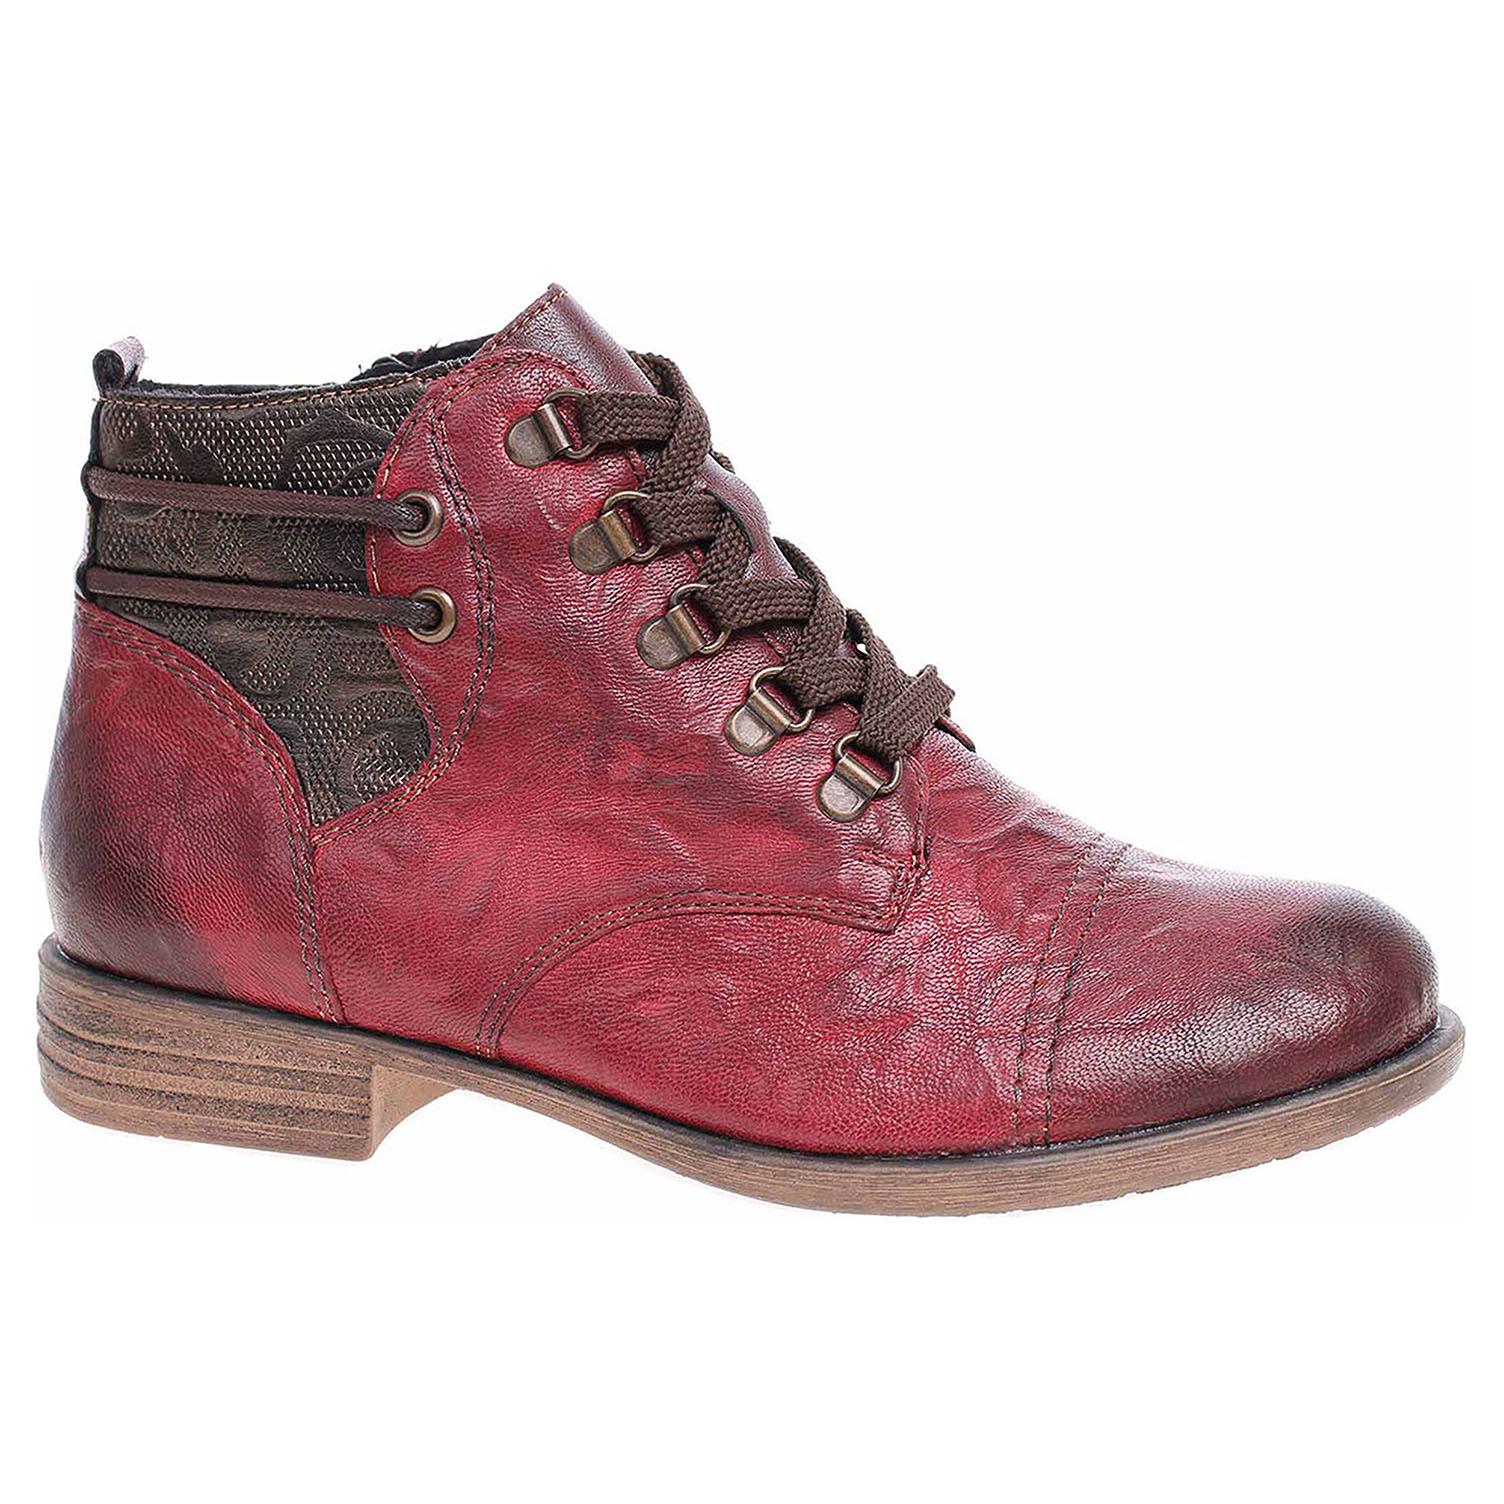 Dámská kotníková obuv Remonte D4977-35 rot kombi D4977-35 44